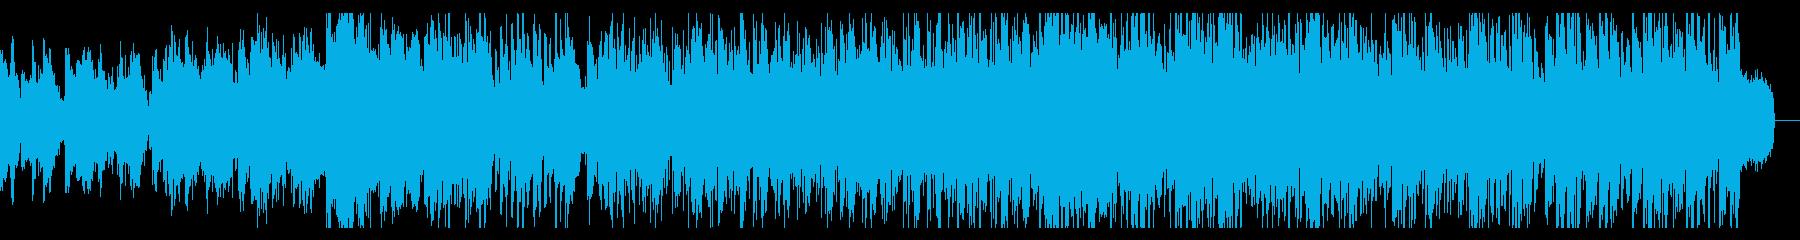 不思議な空間のアンビエントIDMの再生済みの波形